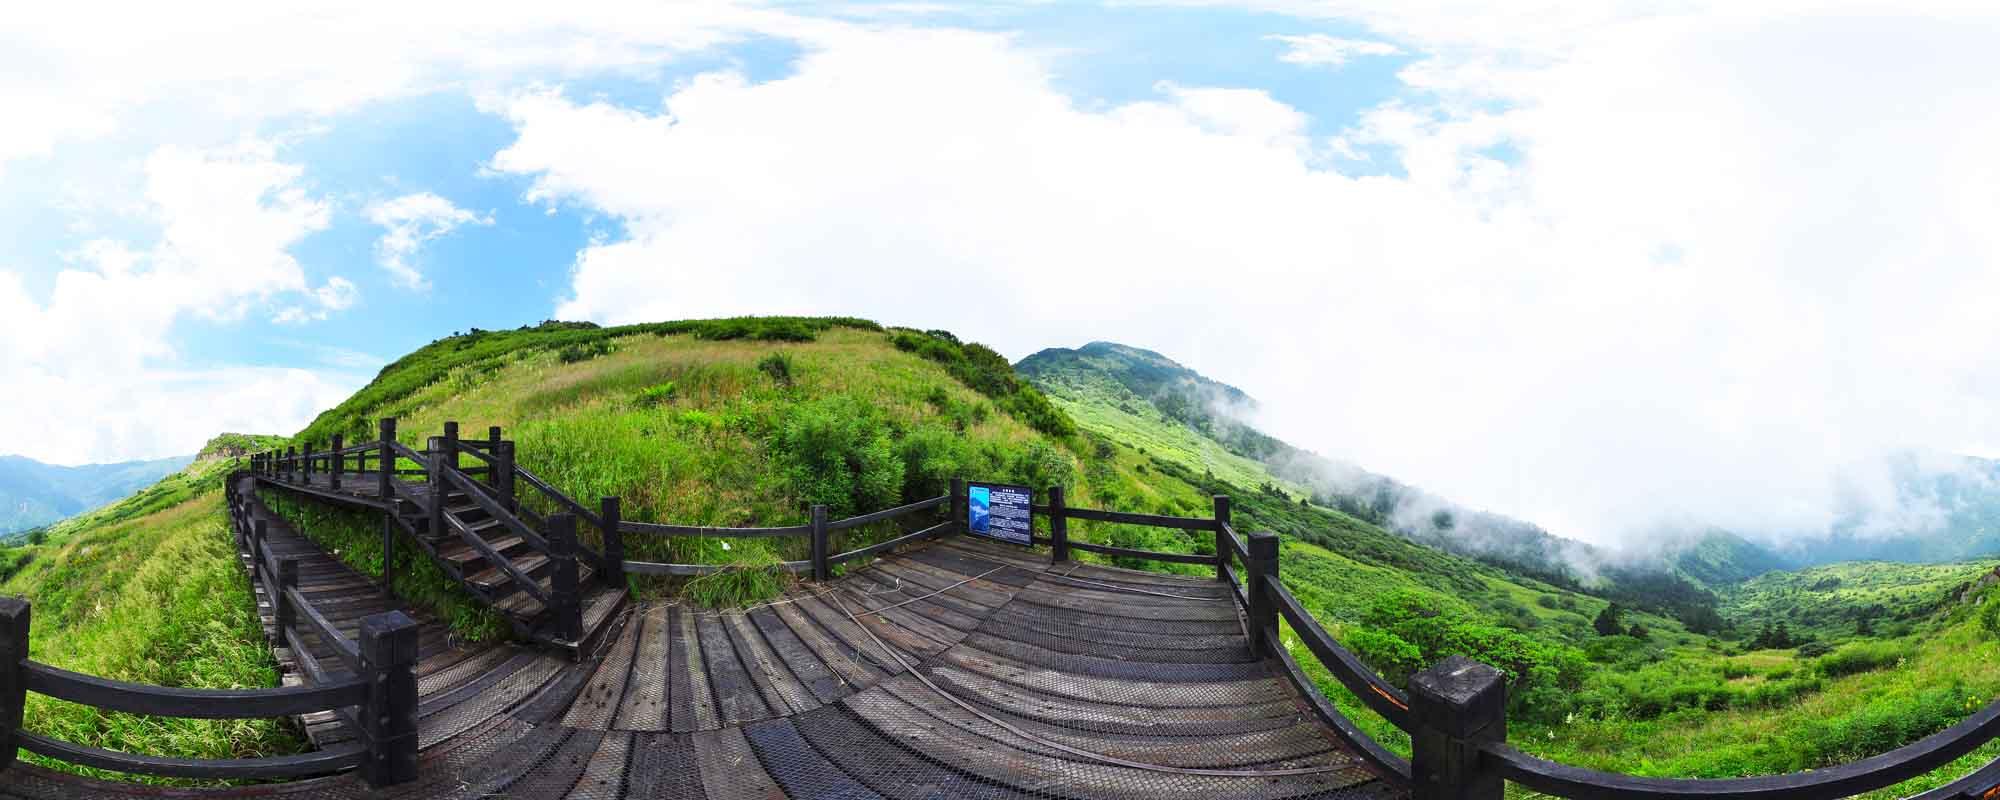 神农架生态旅游区虚拟旅游